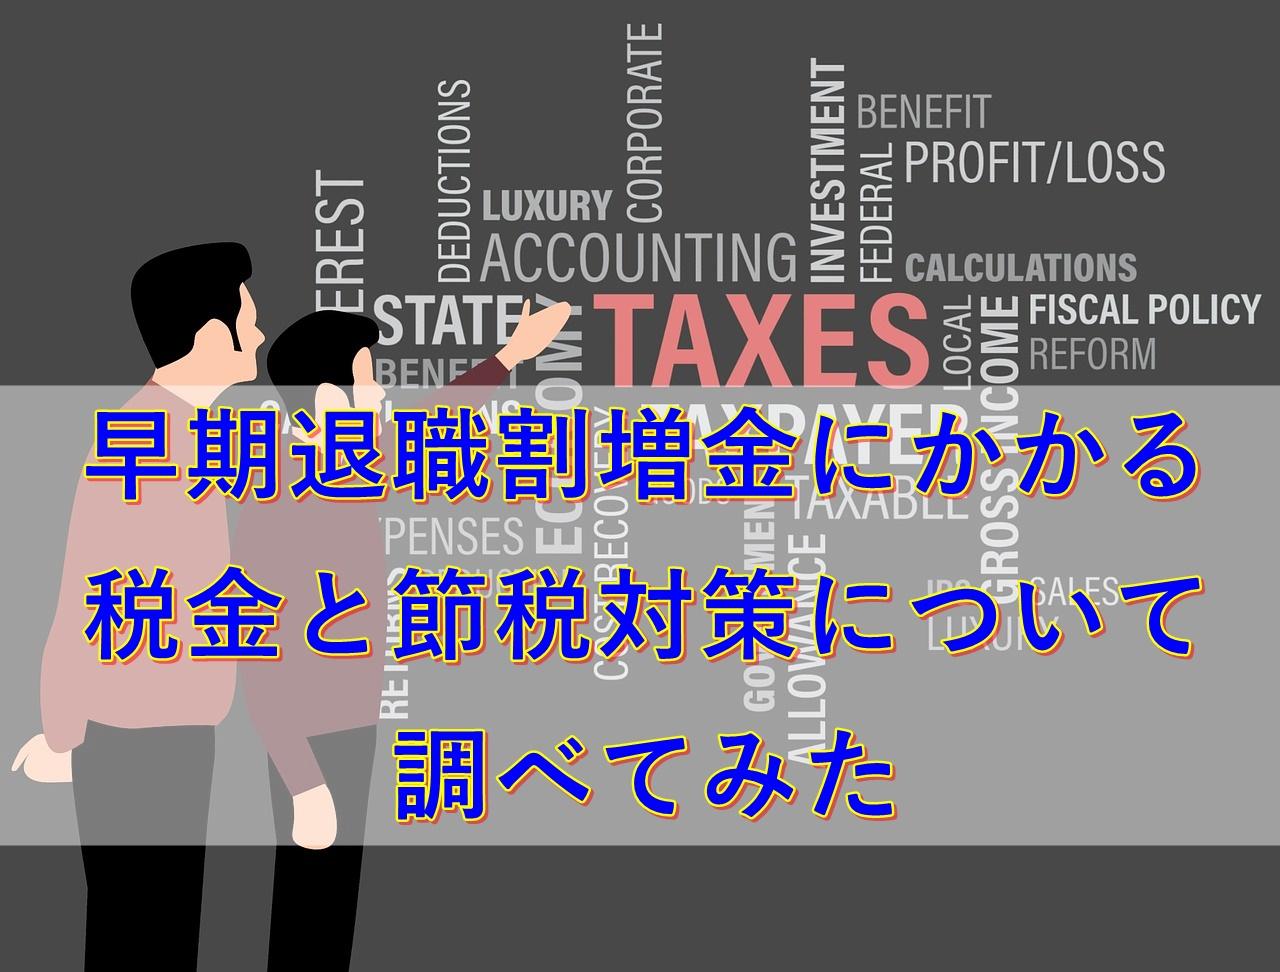 早期退職割増金にかかる税金と節税対策について調べてみた